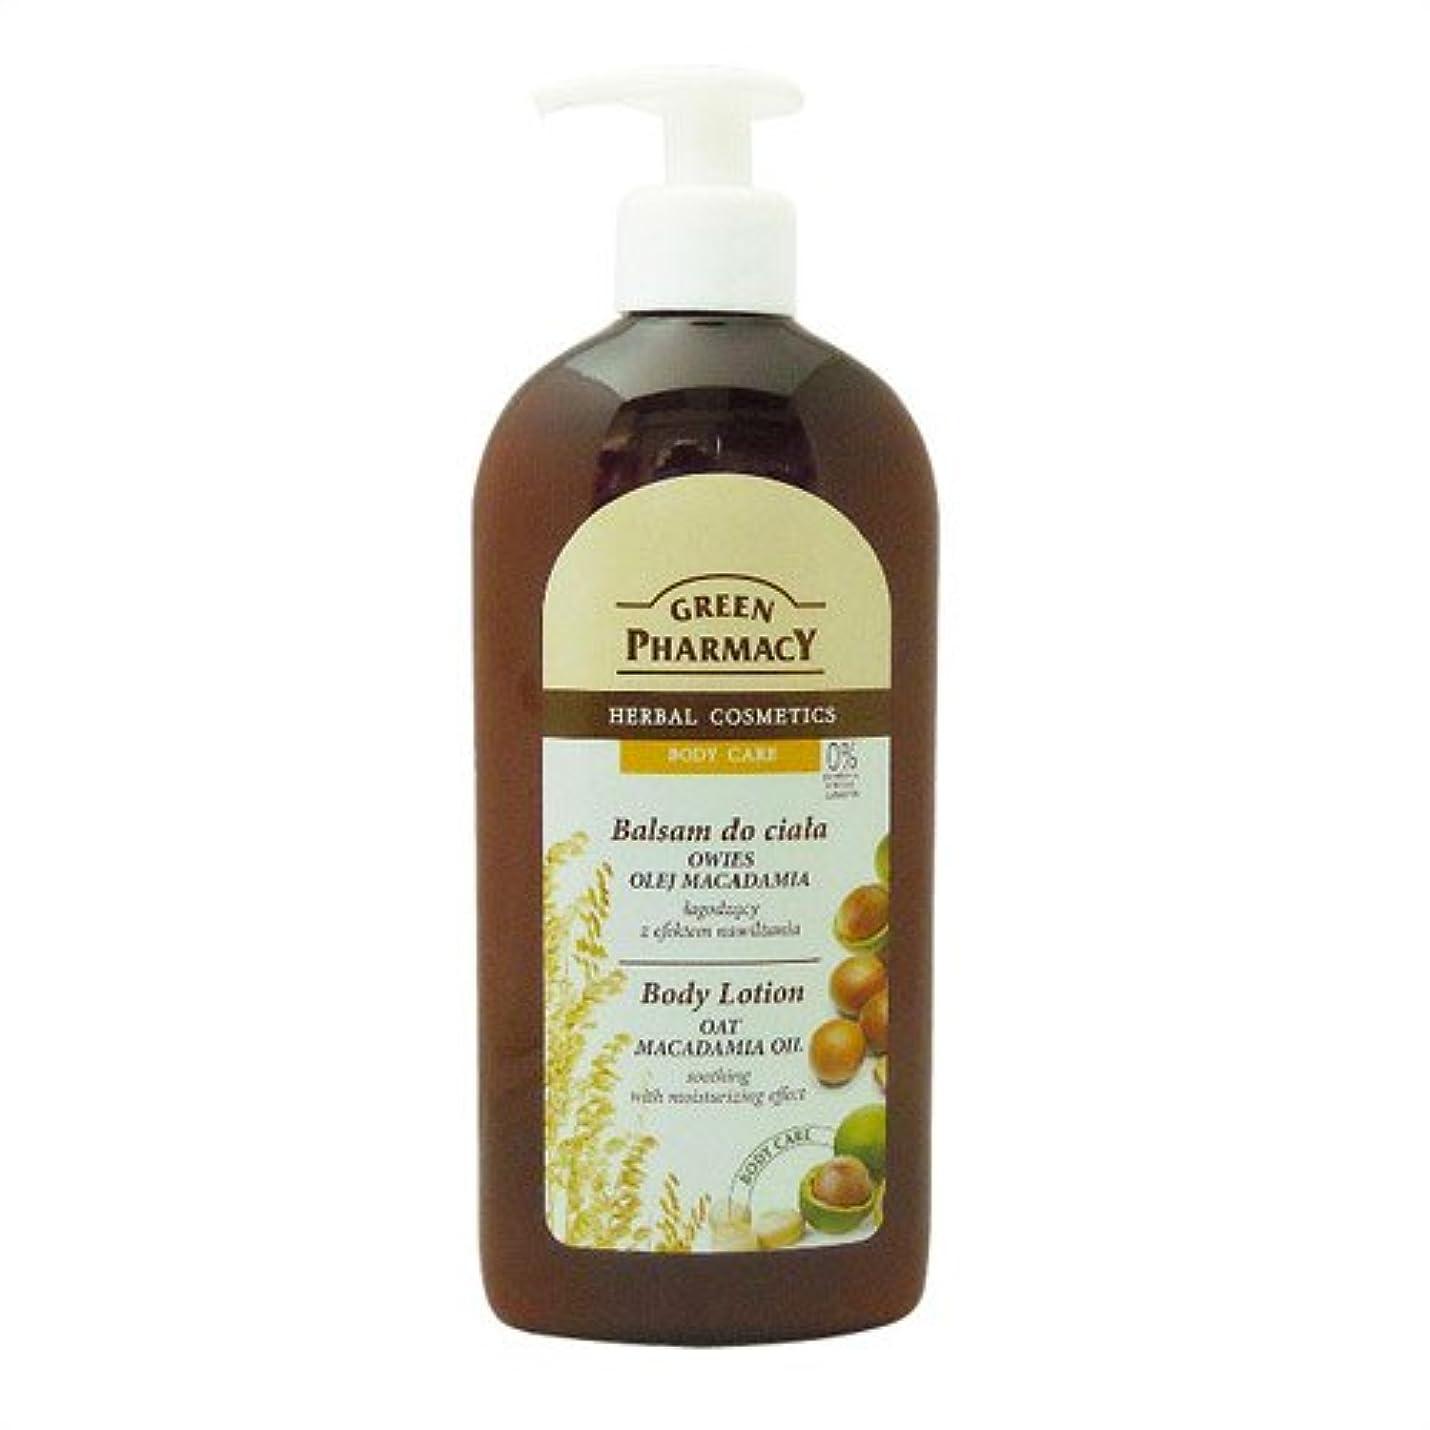 魅惑的なかもしれないパテElfa Pharm Green Pharmacy グリーンファーマシー Body Lotion ボディローション Oat Macadamia Oil